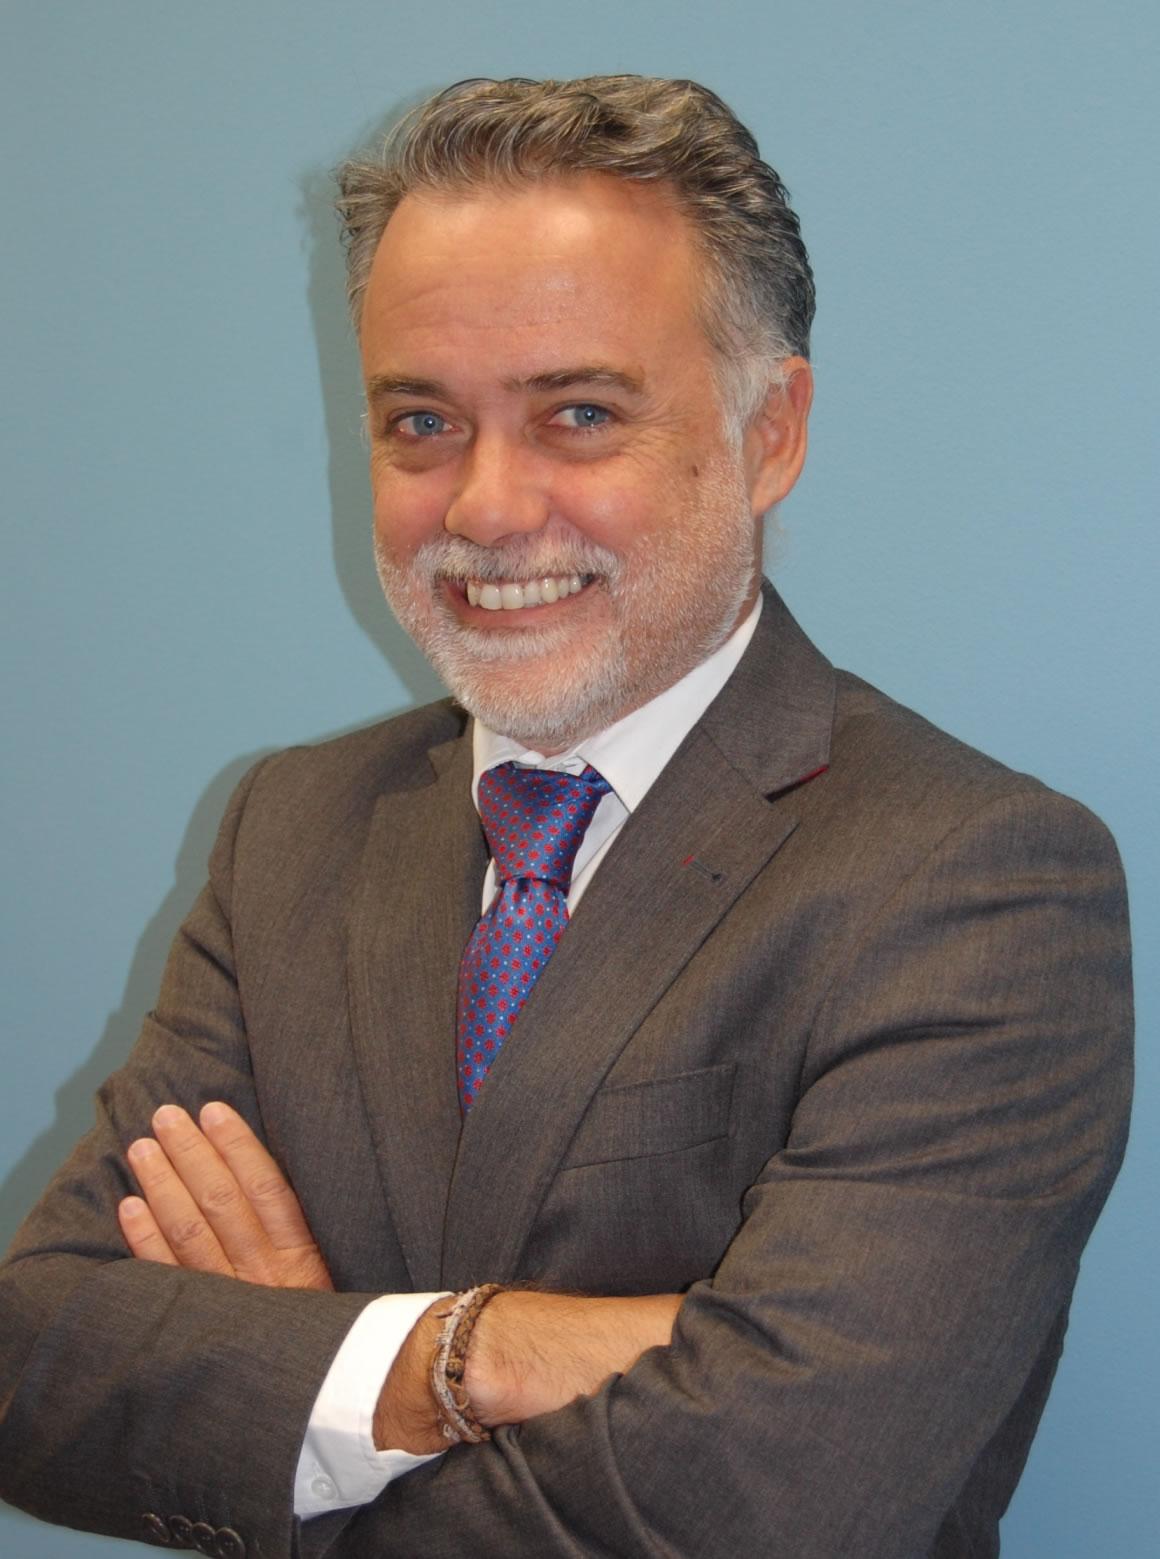 Juan Francisco Lainez Ruiz